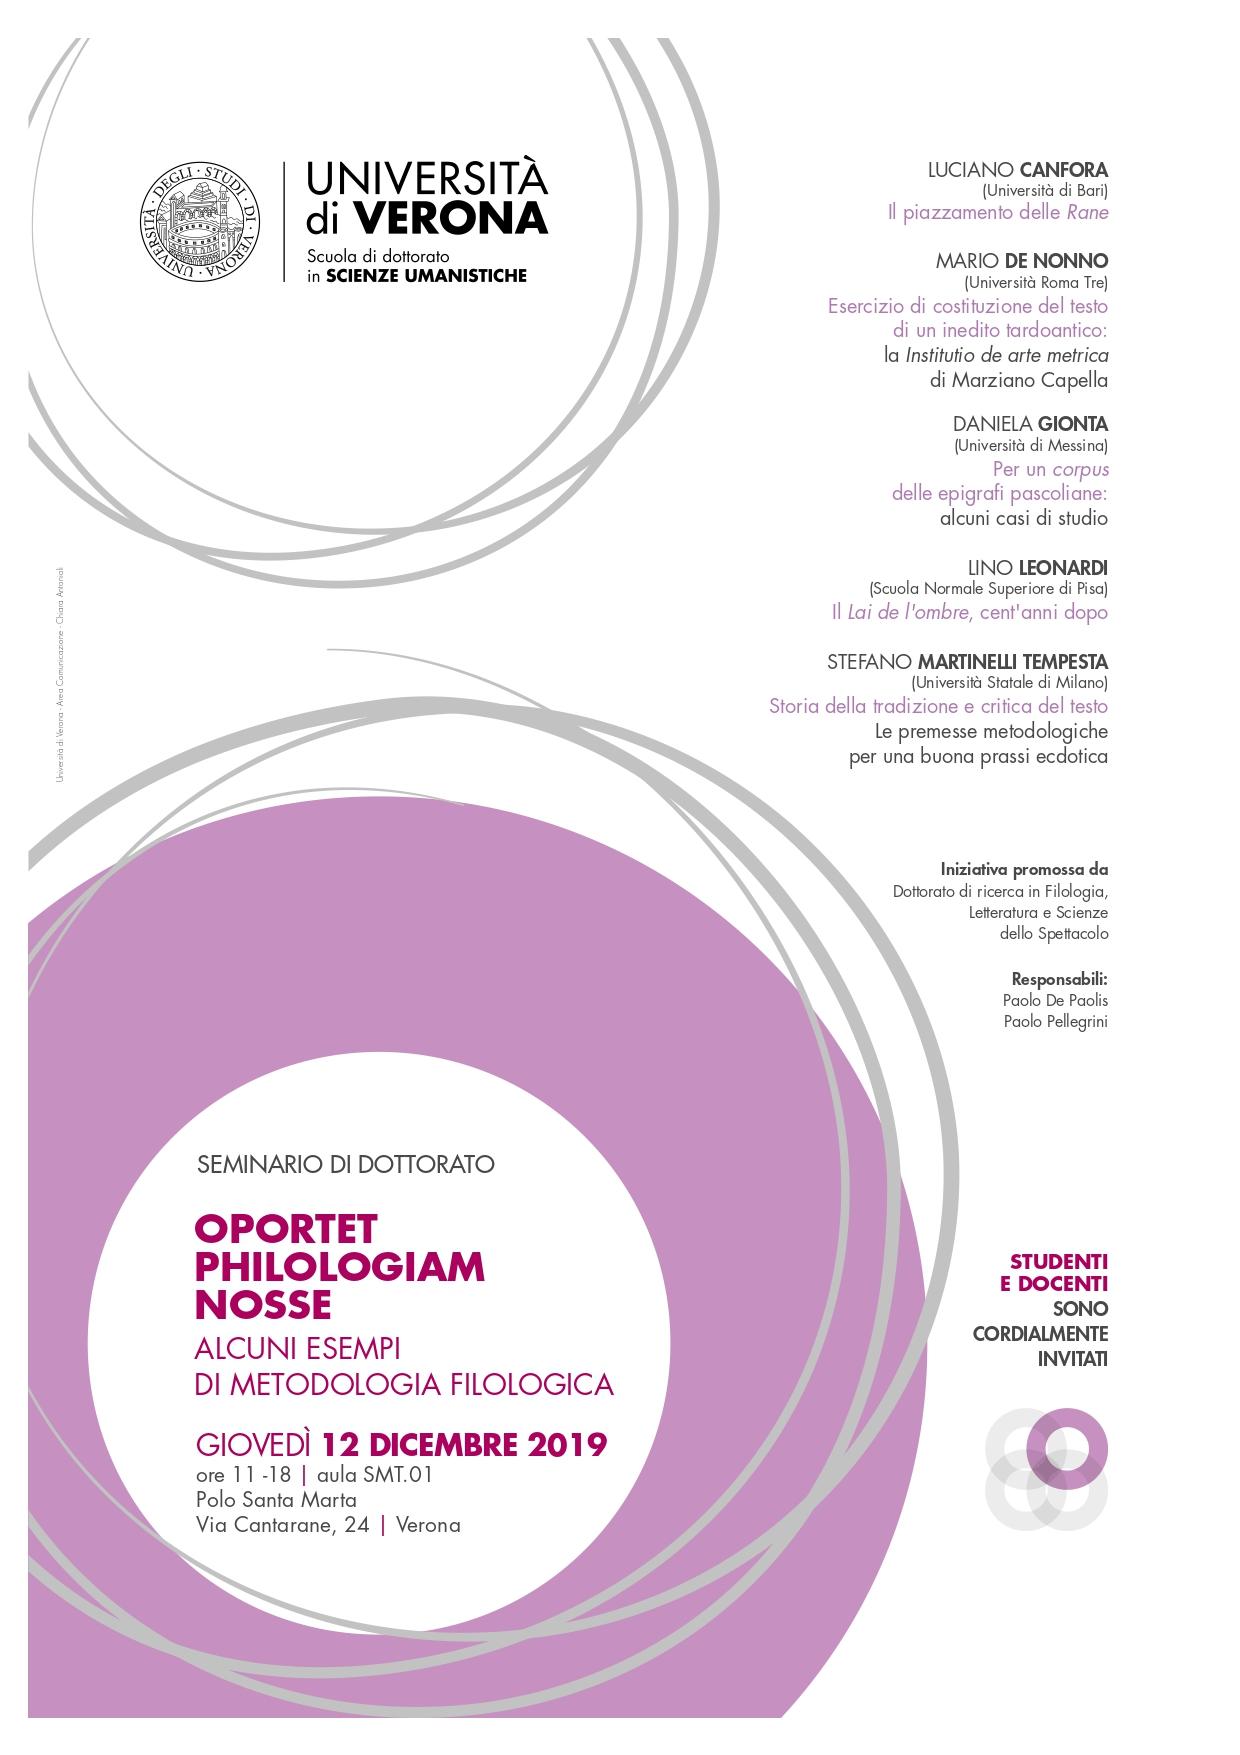 seminario OPORTET PHILOLOGIAM NOSSE_page-0001